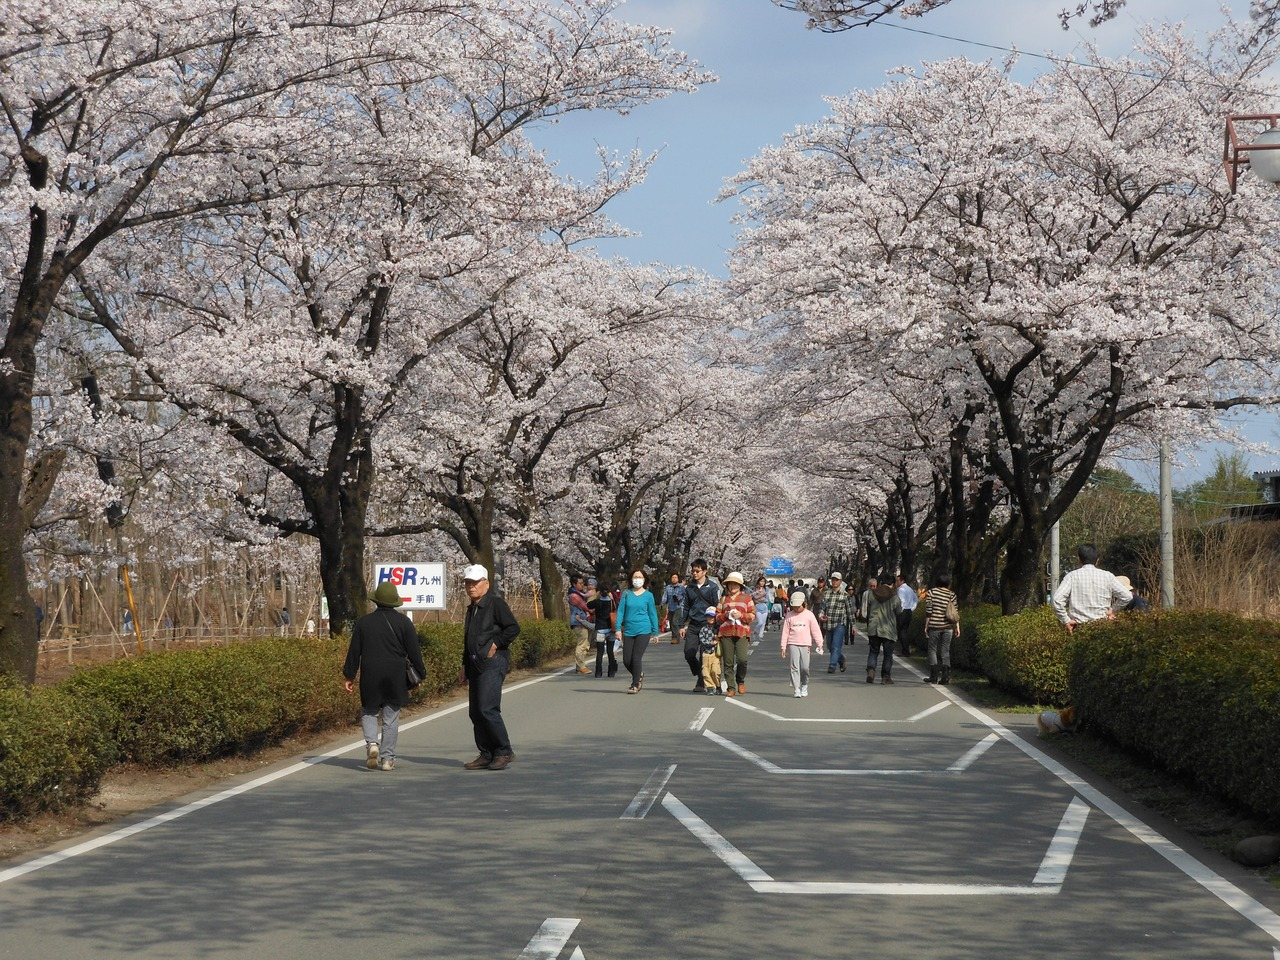 「阿蘇内牧温泉街 桜」の画像検索結果